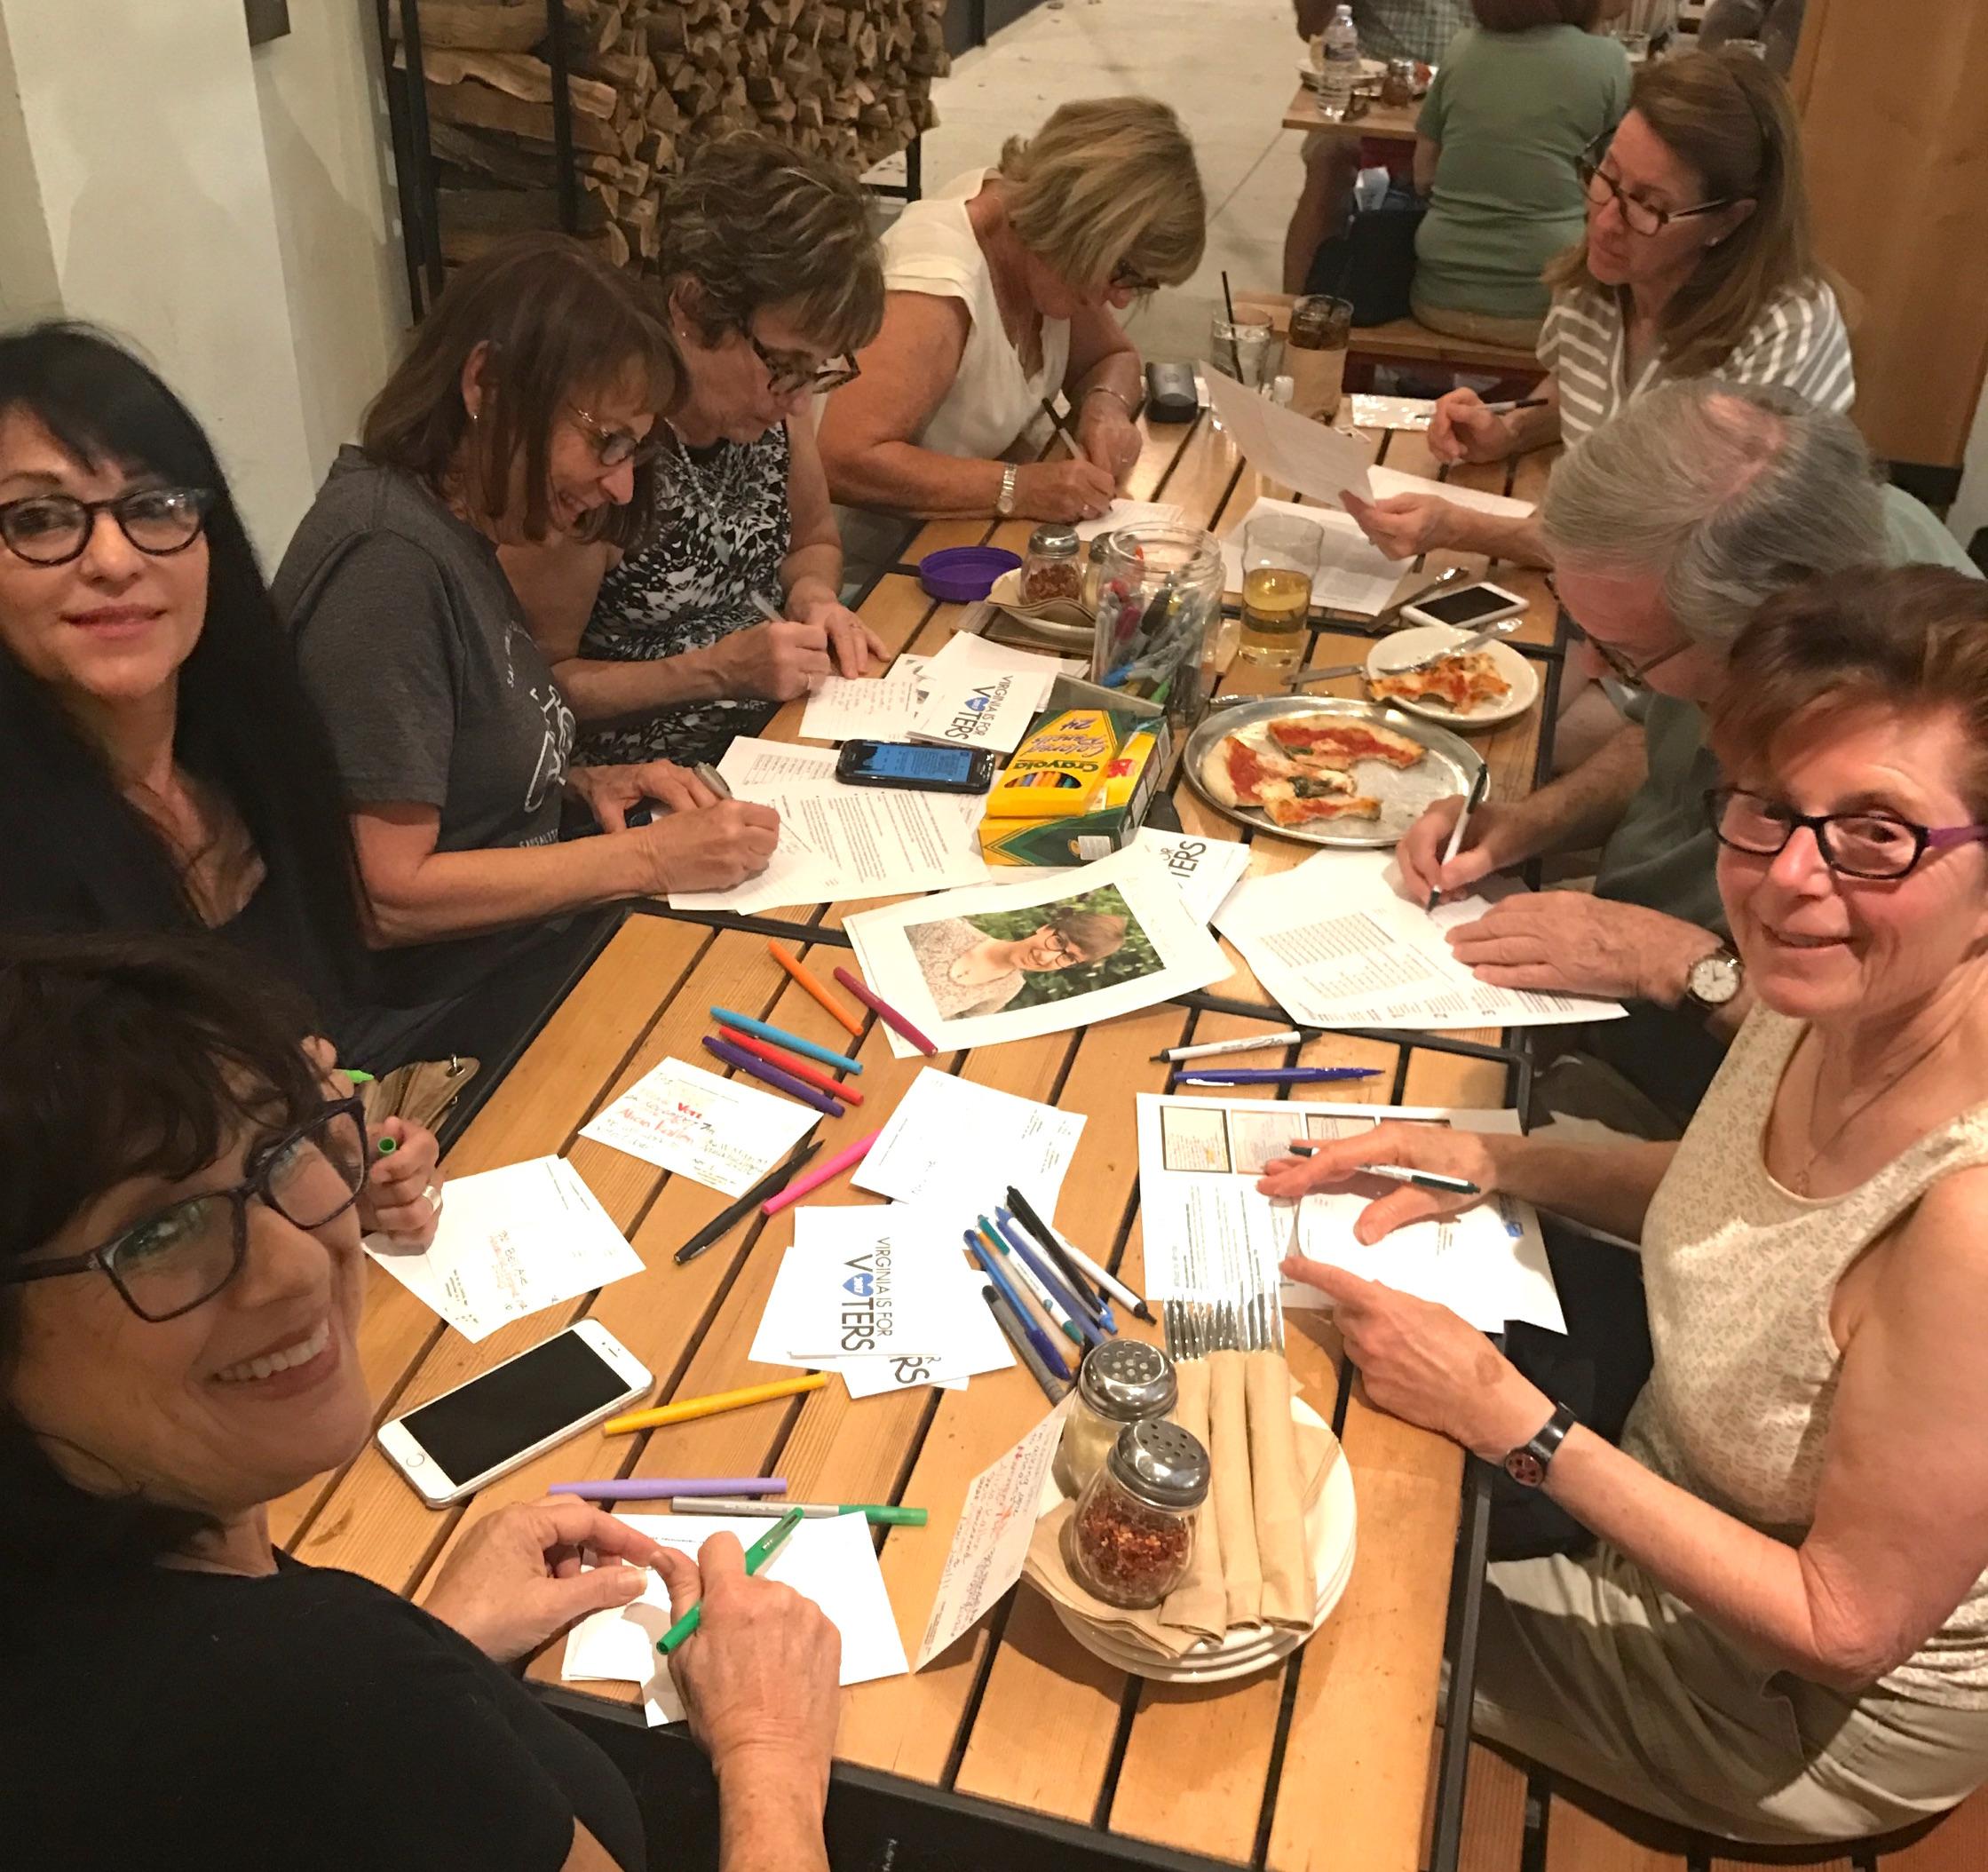 10-24 postcard party table 1.jpeg